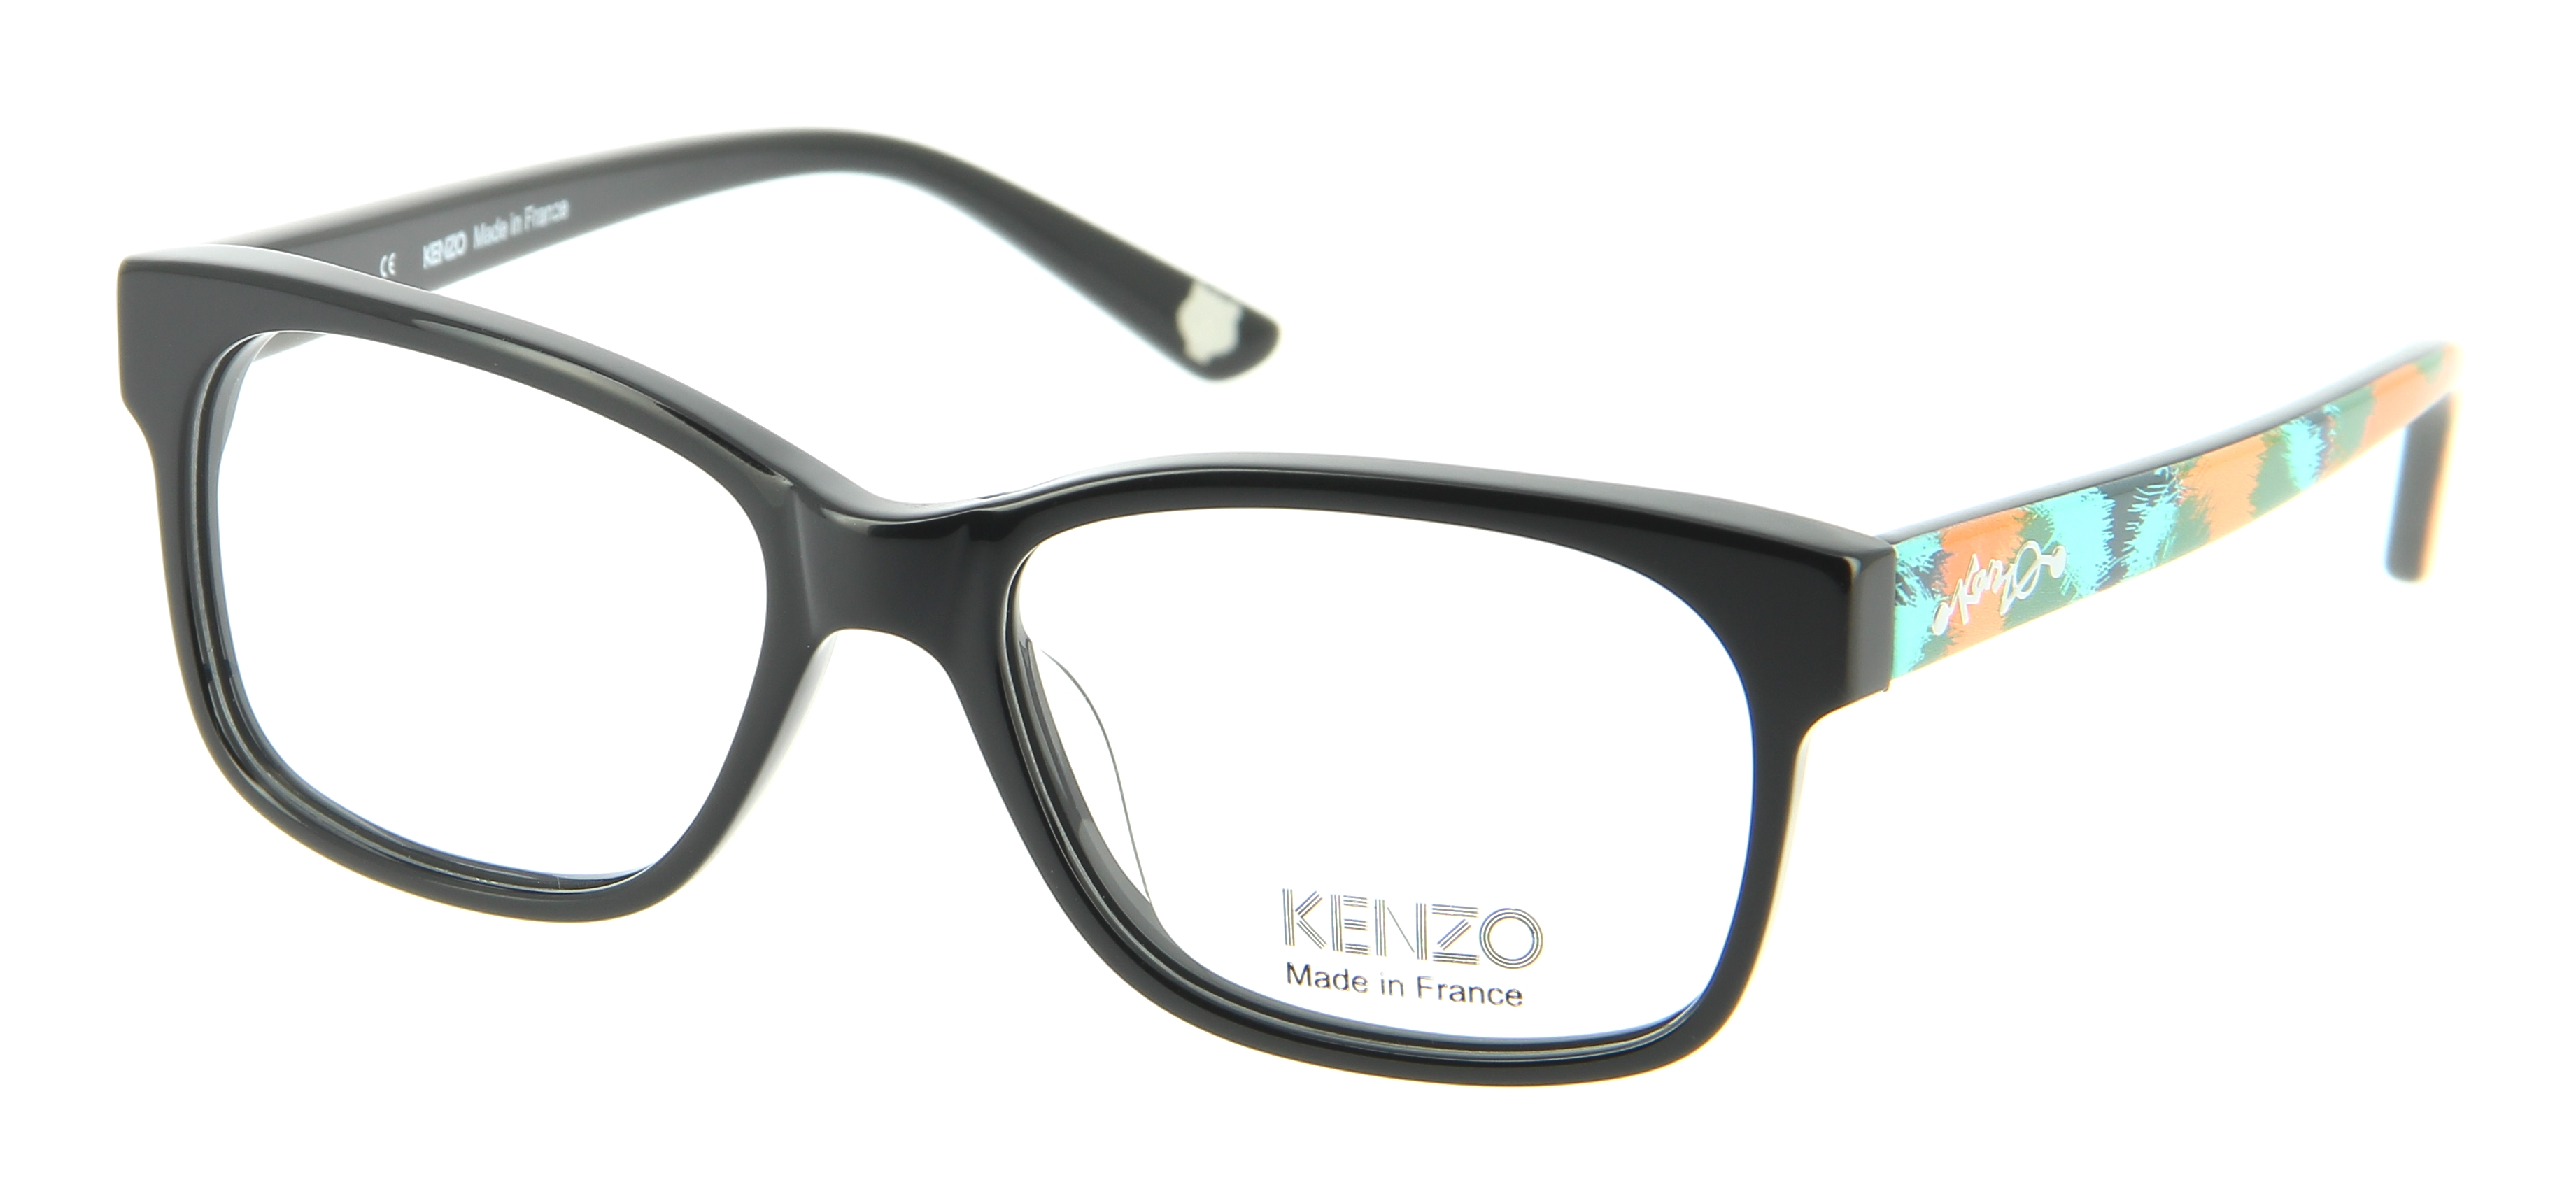 Kenzo Optical Glasses : Eyeglasses KENZO KZ 2218 C01 53/16 Woman Noir square ...